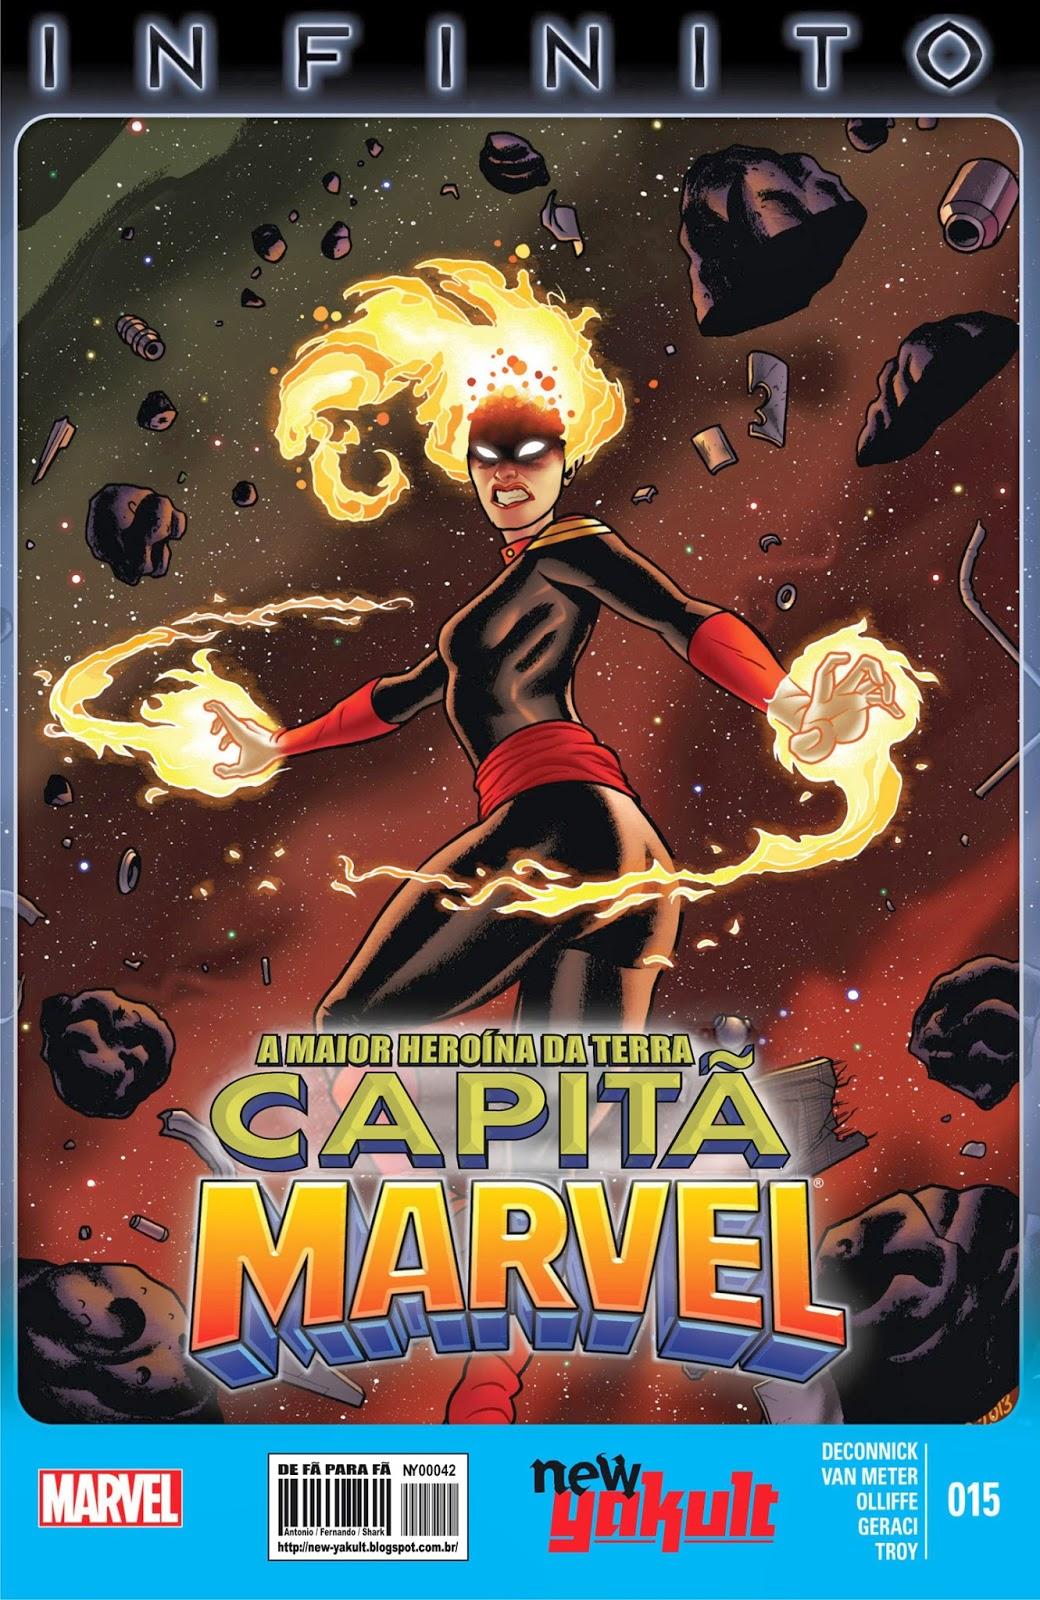 Nova Marvel! Capitã Marvel #15